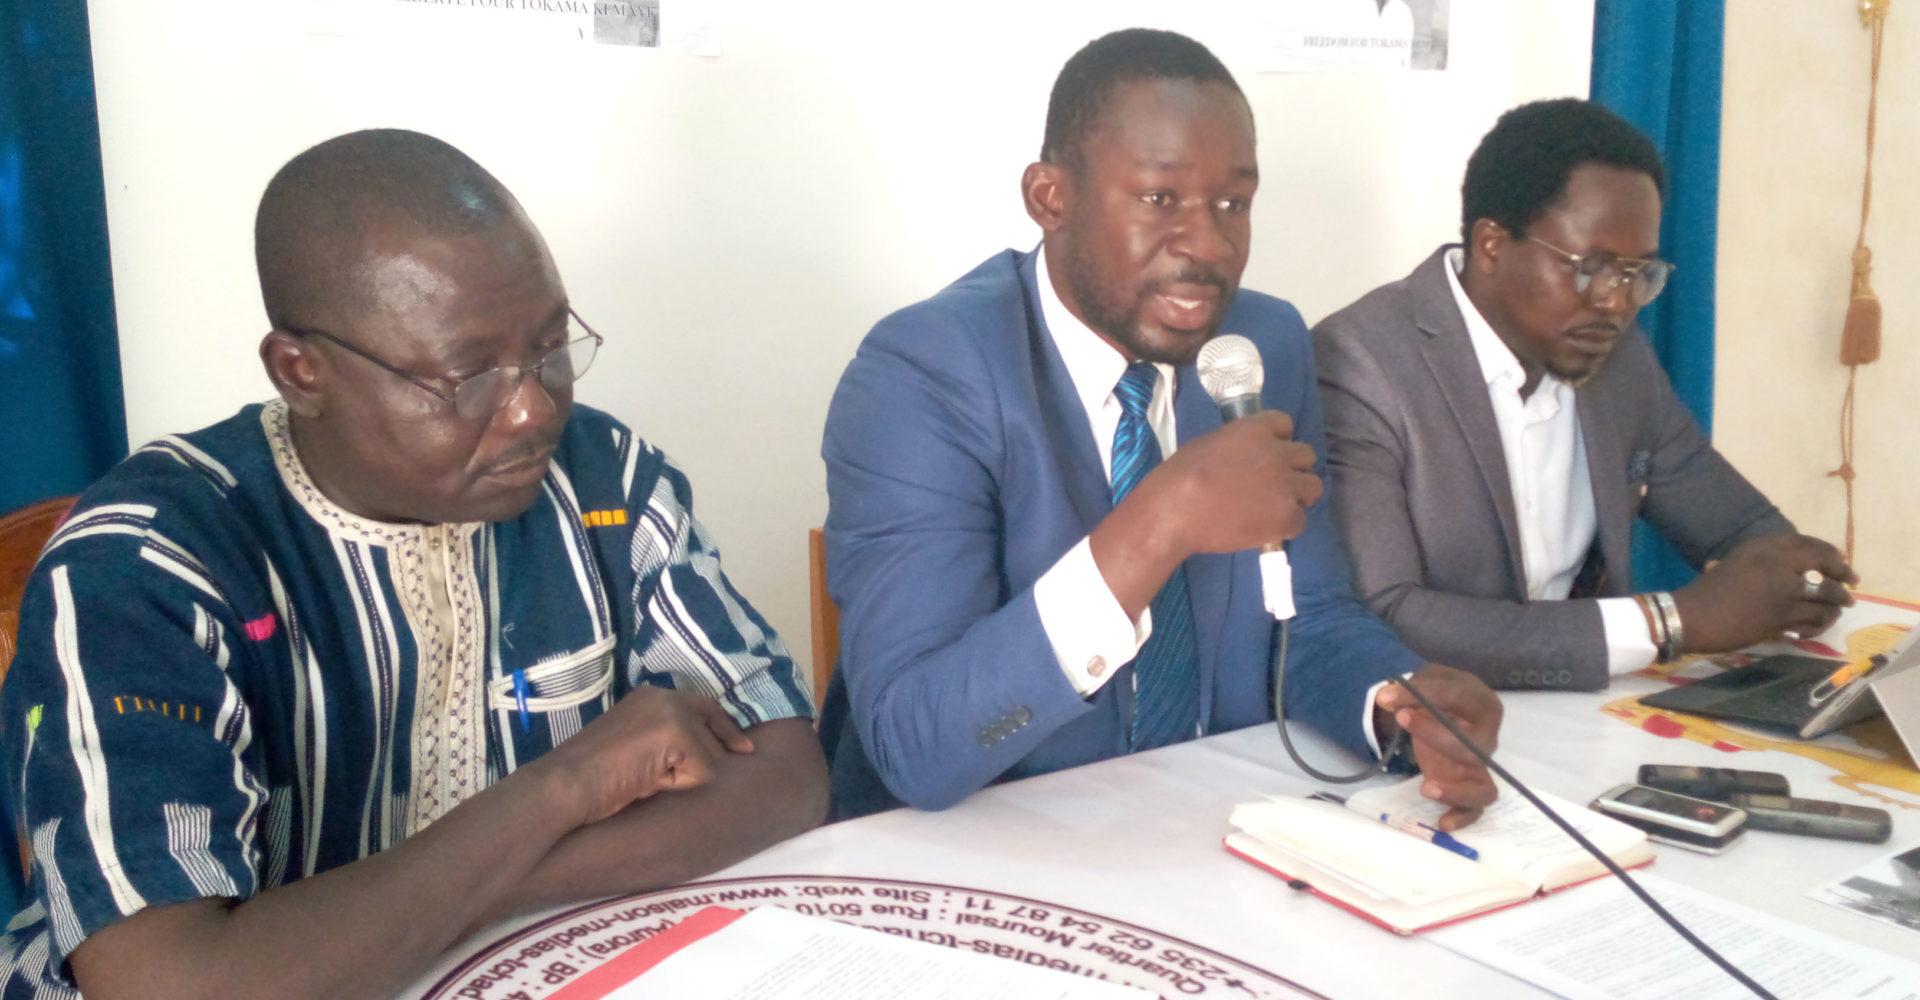 Les avocats Tokama Kemaye appellent la justice à statuer sur son cas 1